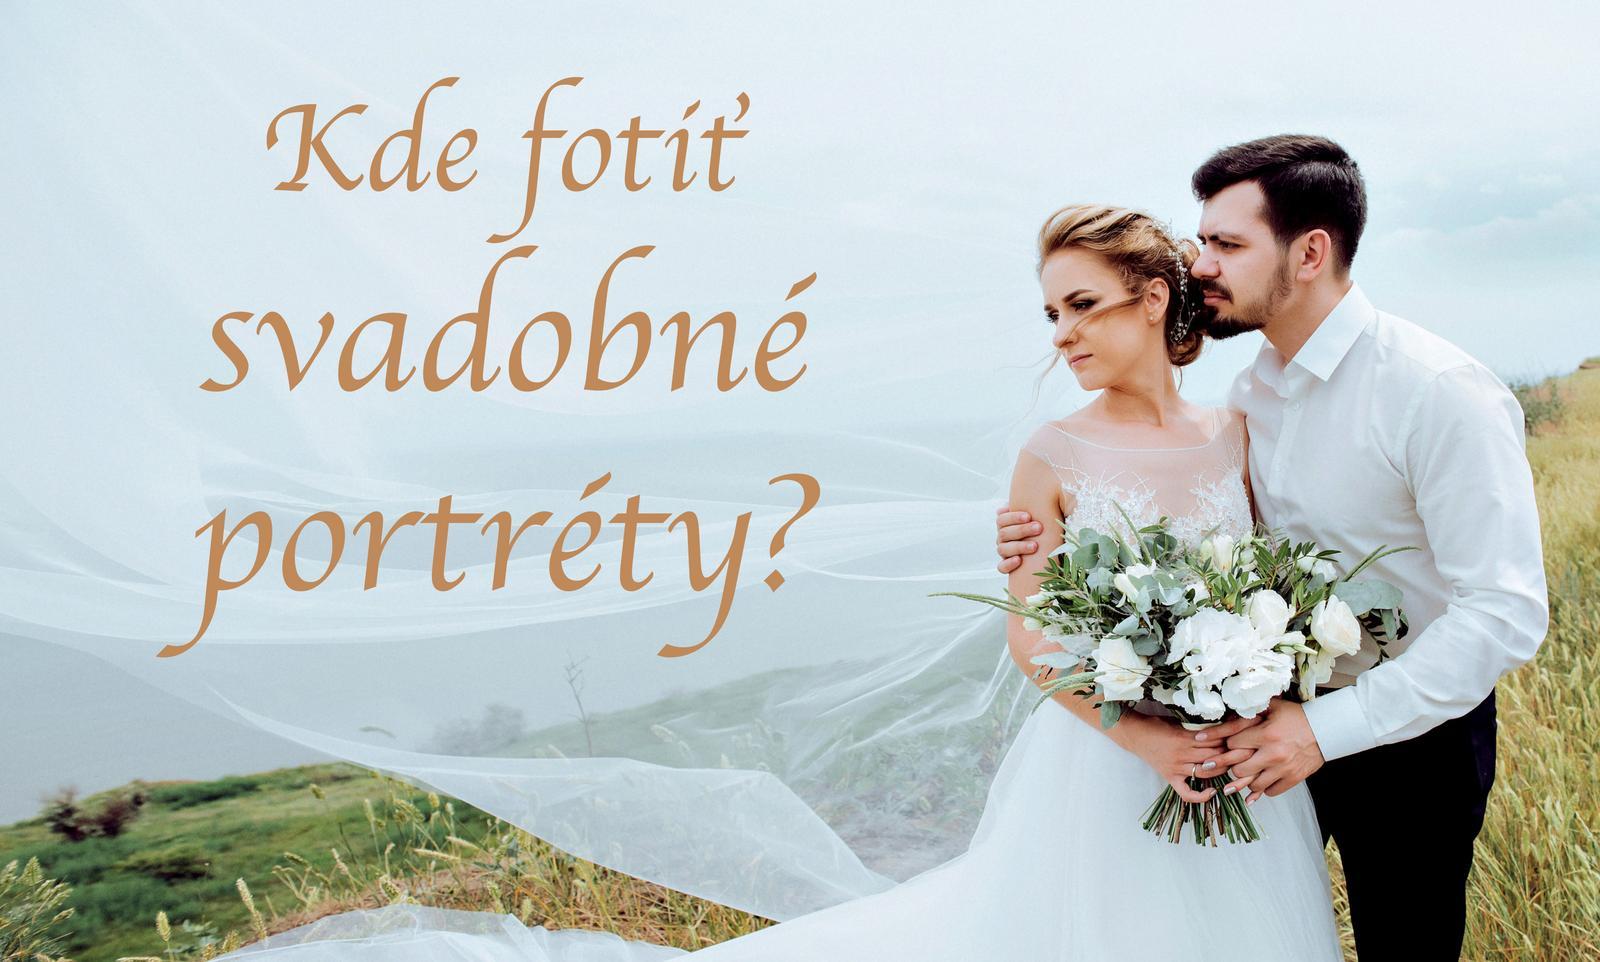 Milé nevesty, čo svadbu už máte za sebou :) Pridáte sa do užitočnej výzvy, ktorá pomôže mnohým budúcim nevestám vyriešiť dilemu s výberom miesta na svadobné fotenie? V skupine Kam sa fotiť (https://www.mojasvadba.sk/group/2384/detail/), kde nevesty zdieľajú nápady na miesta na fotenie svadobných portrétov, zverejnite svoju svadobnú fotku (kľudne aj viac fotiek), spolu s miestom a označením okresu, kde ste sa fotili. Vytvorme tak spolu užitočný zoznam plný nápadov a hlavne ukážok miest na svadobné fotenie :) za všetky budúce nevesty, ktorým táto výzva pomôže, ďakujem a za každý príspevok posielam srdiečko :) - Obrázok č. 1